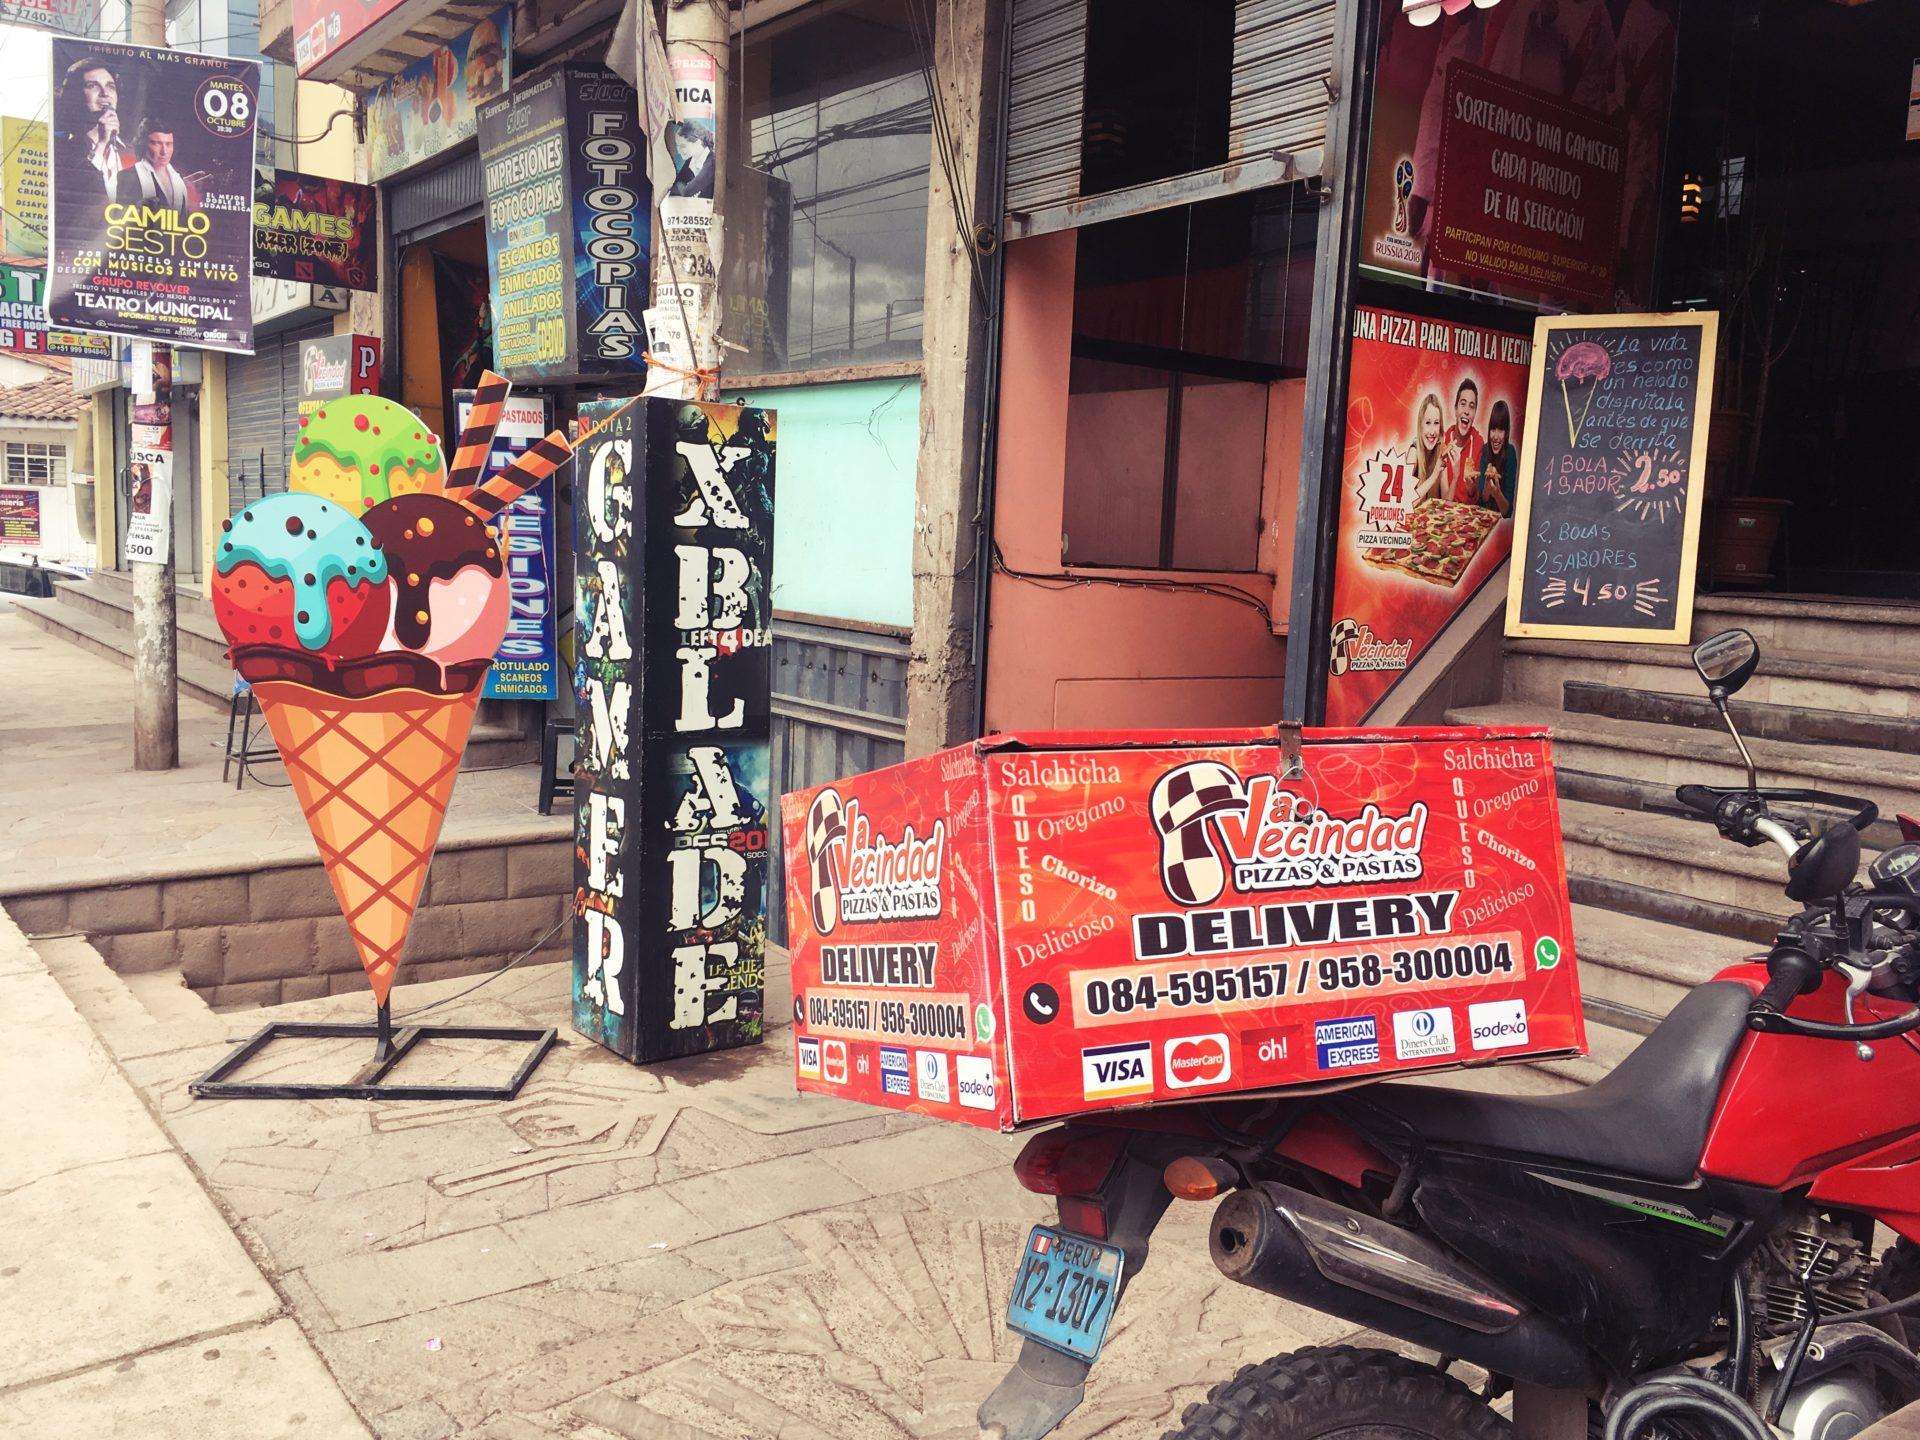 ペルー, クスコ, ピザ, レストラン, アイスクリーム